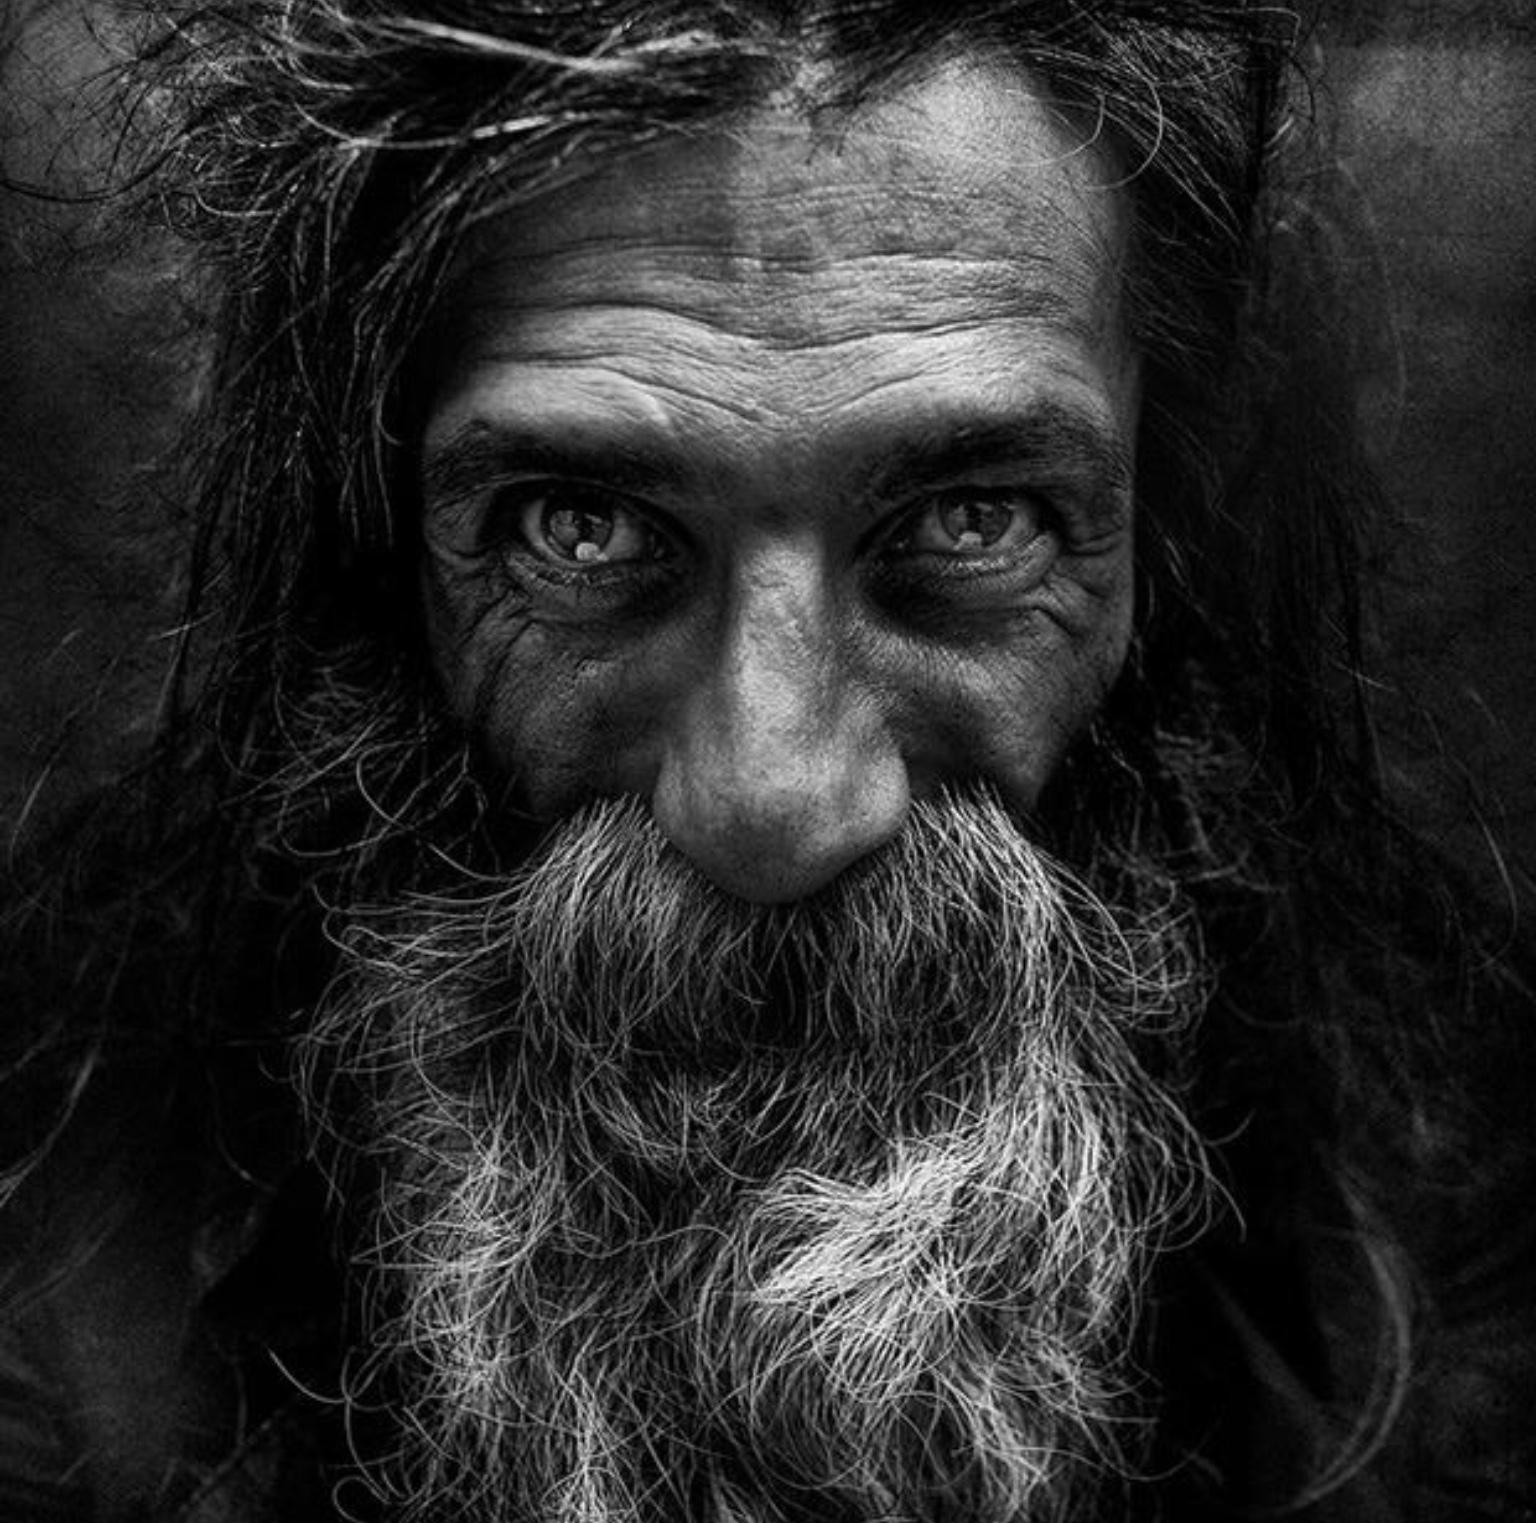 Los 10 Mejores Retratistas Fotográficos Del Mundo